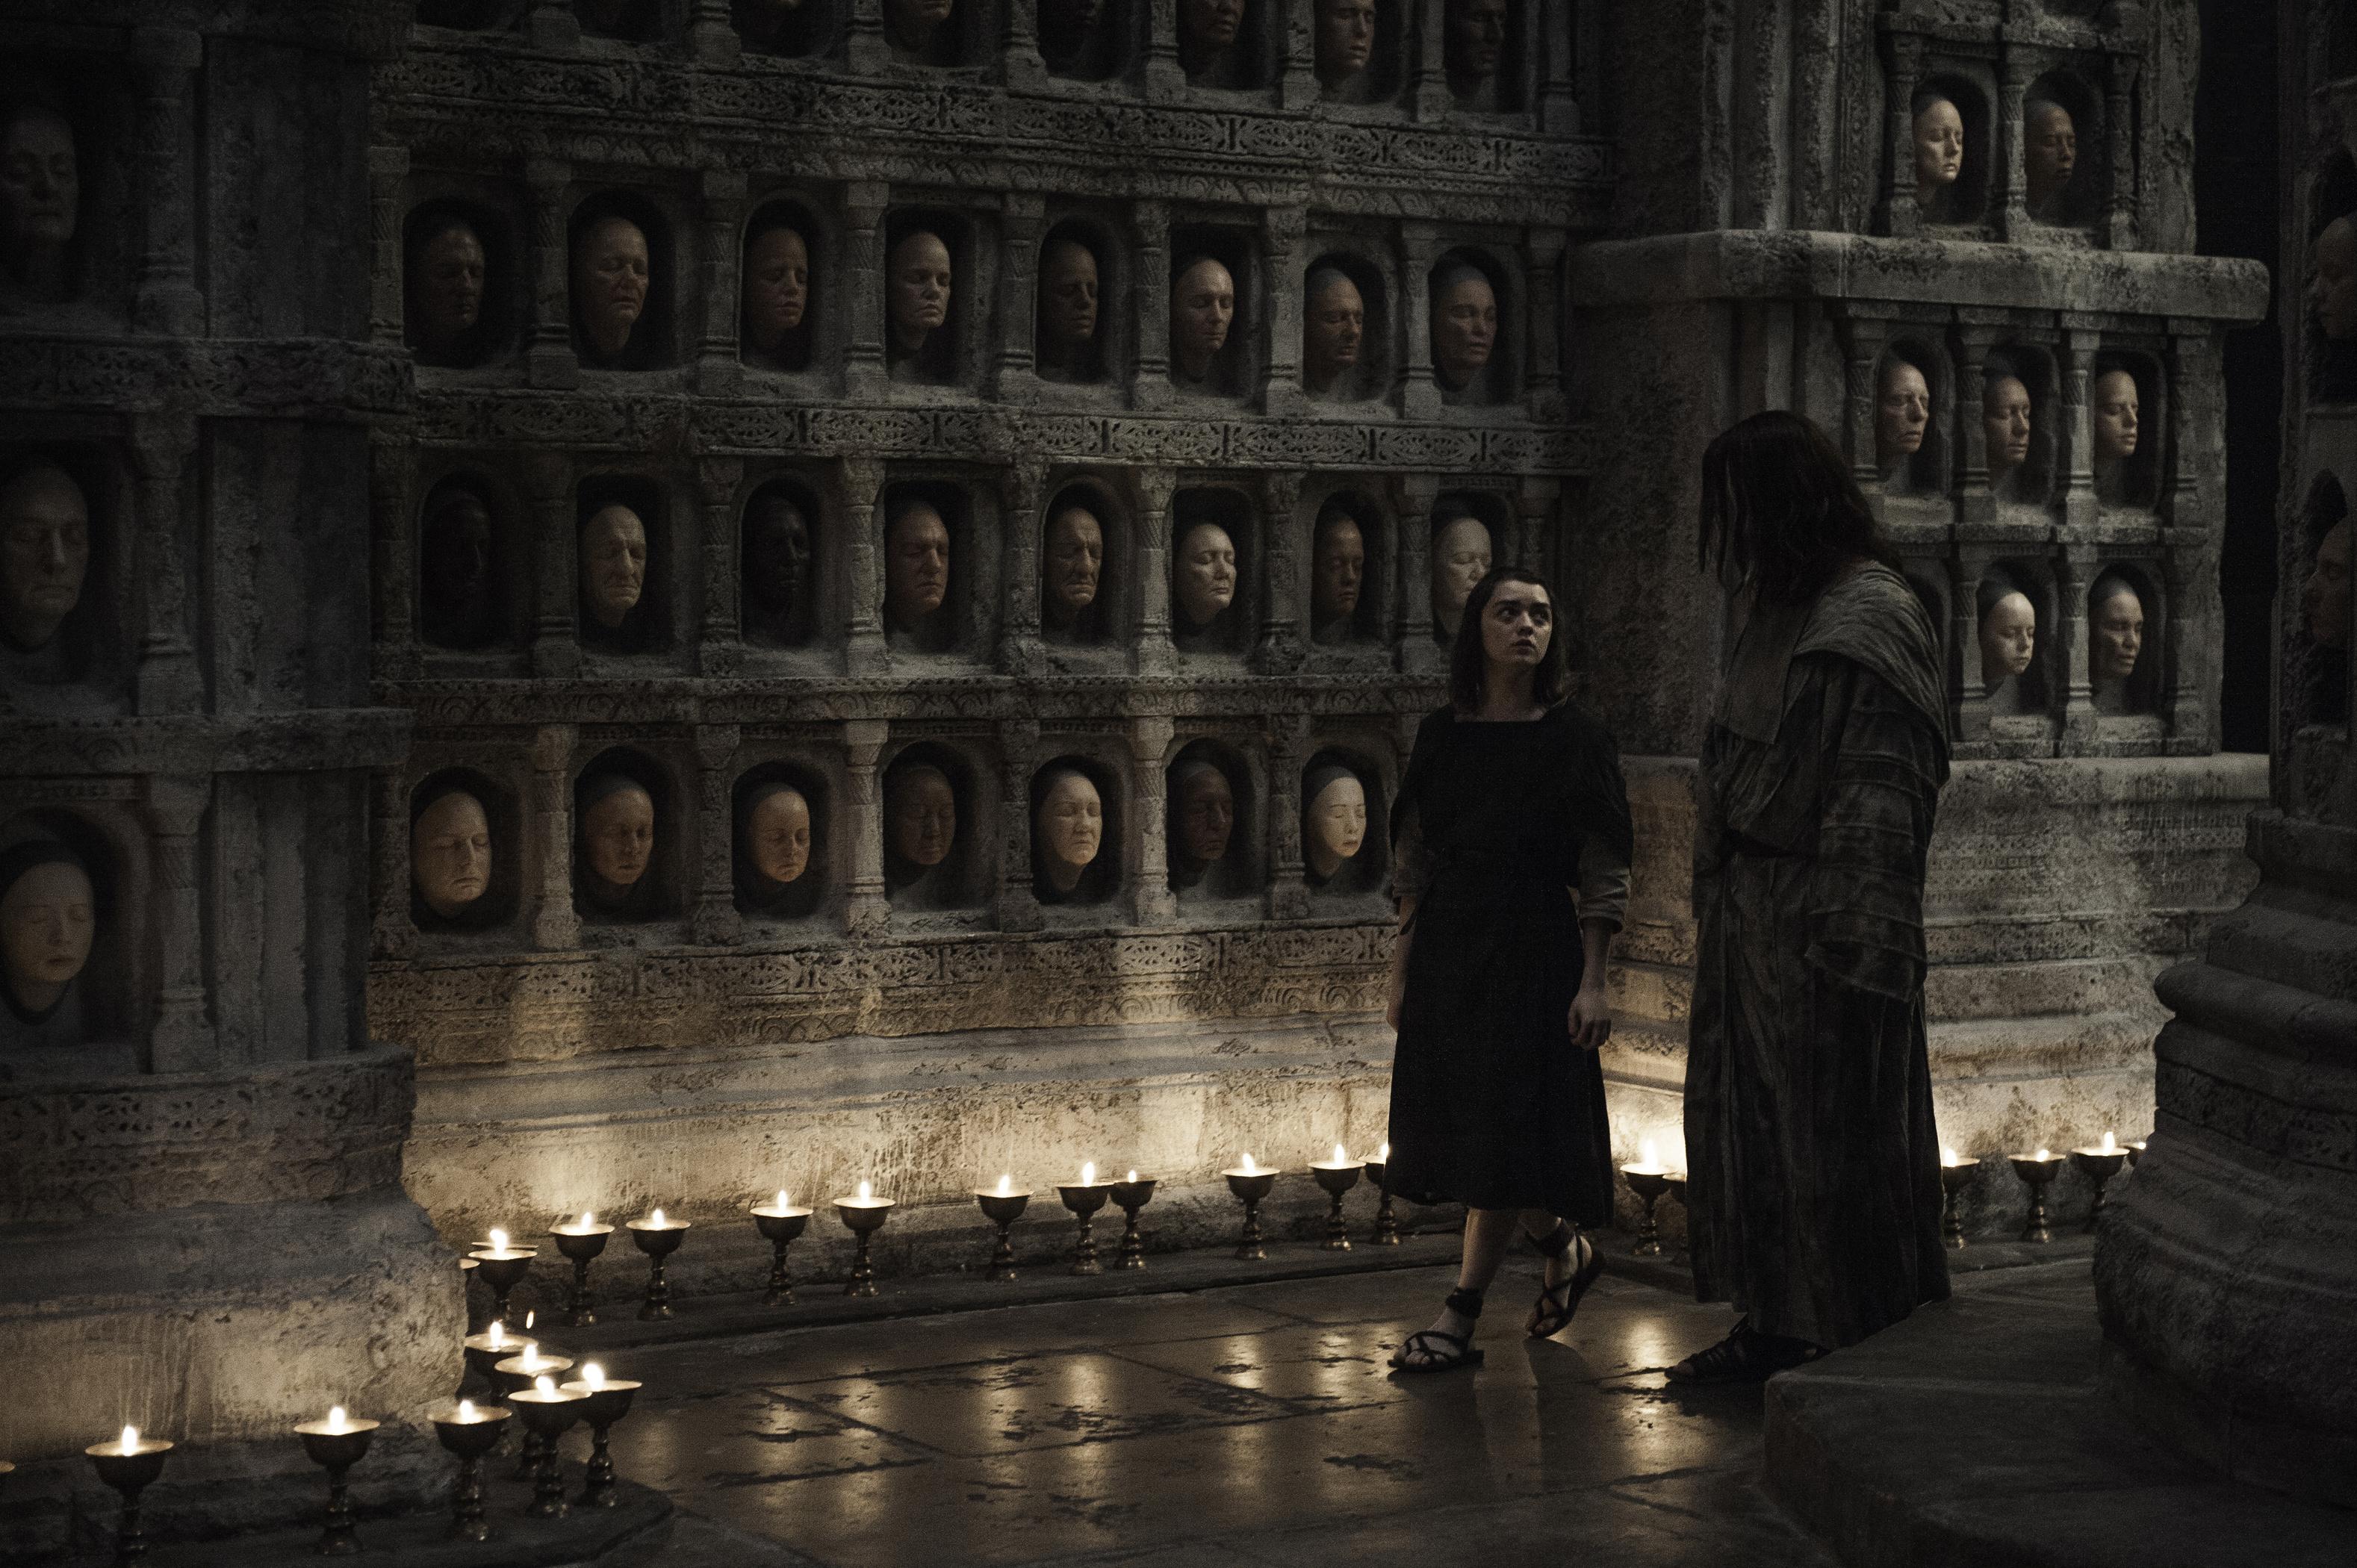 O templo do Deus de Muitas Faces em 'Game of Thrones'